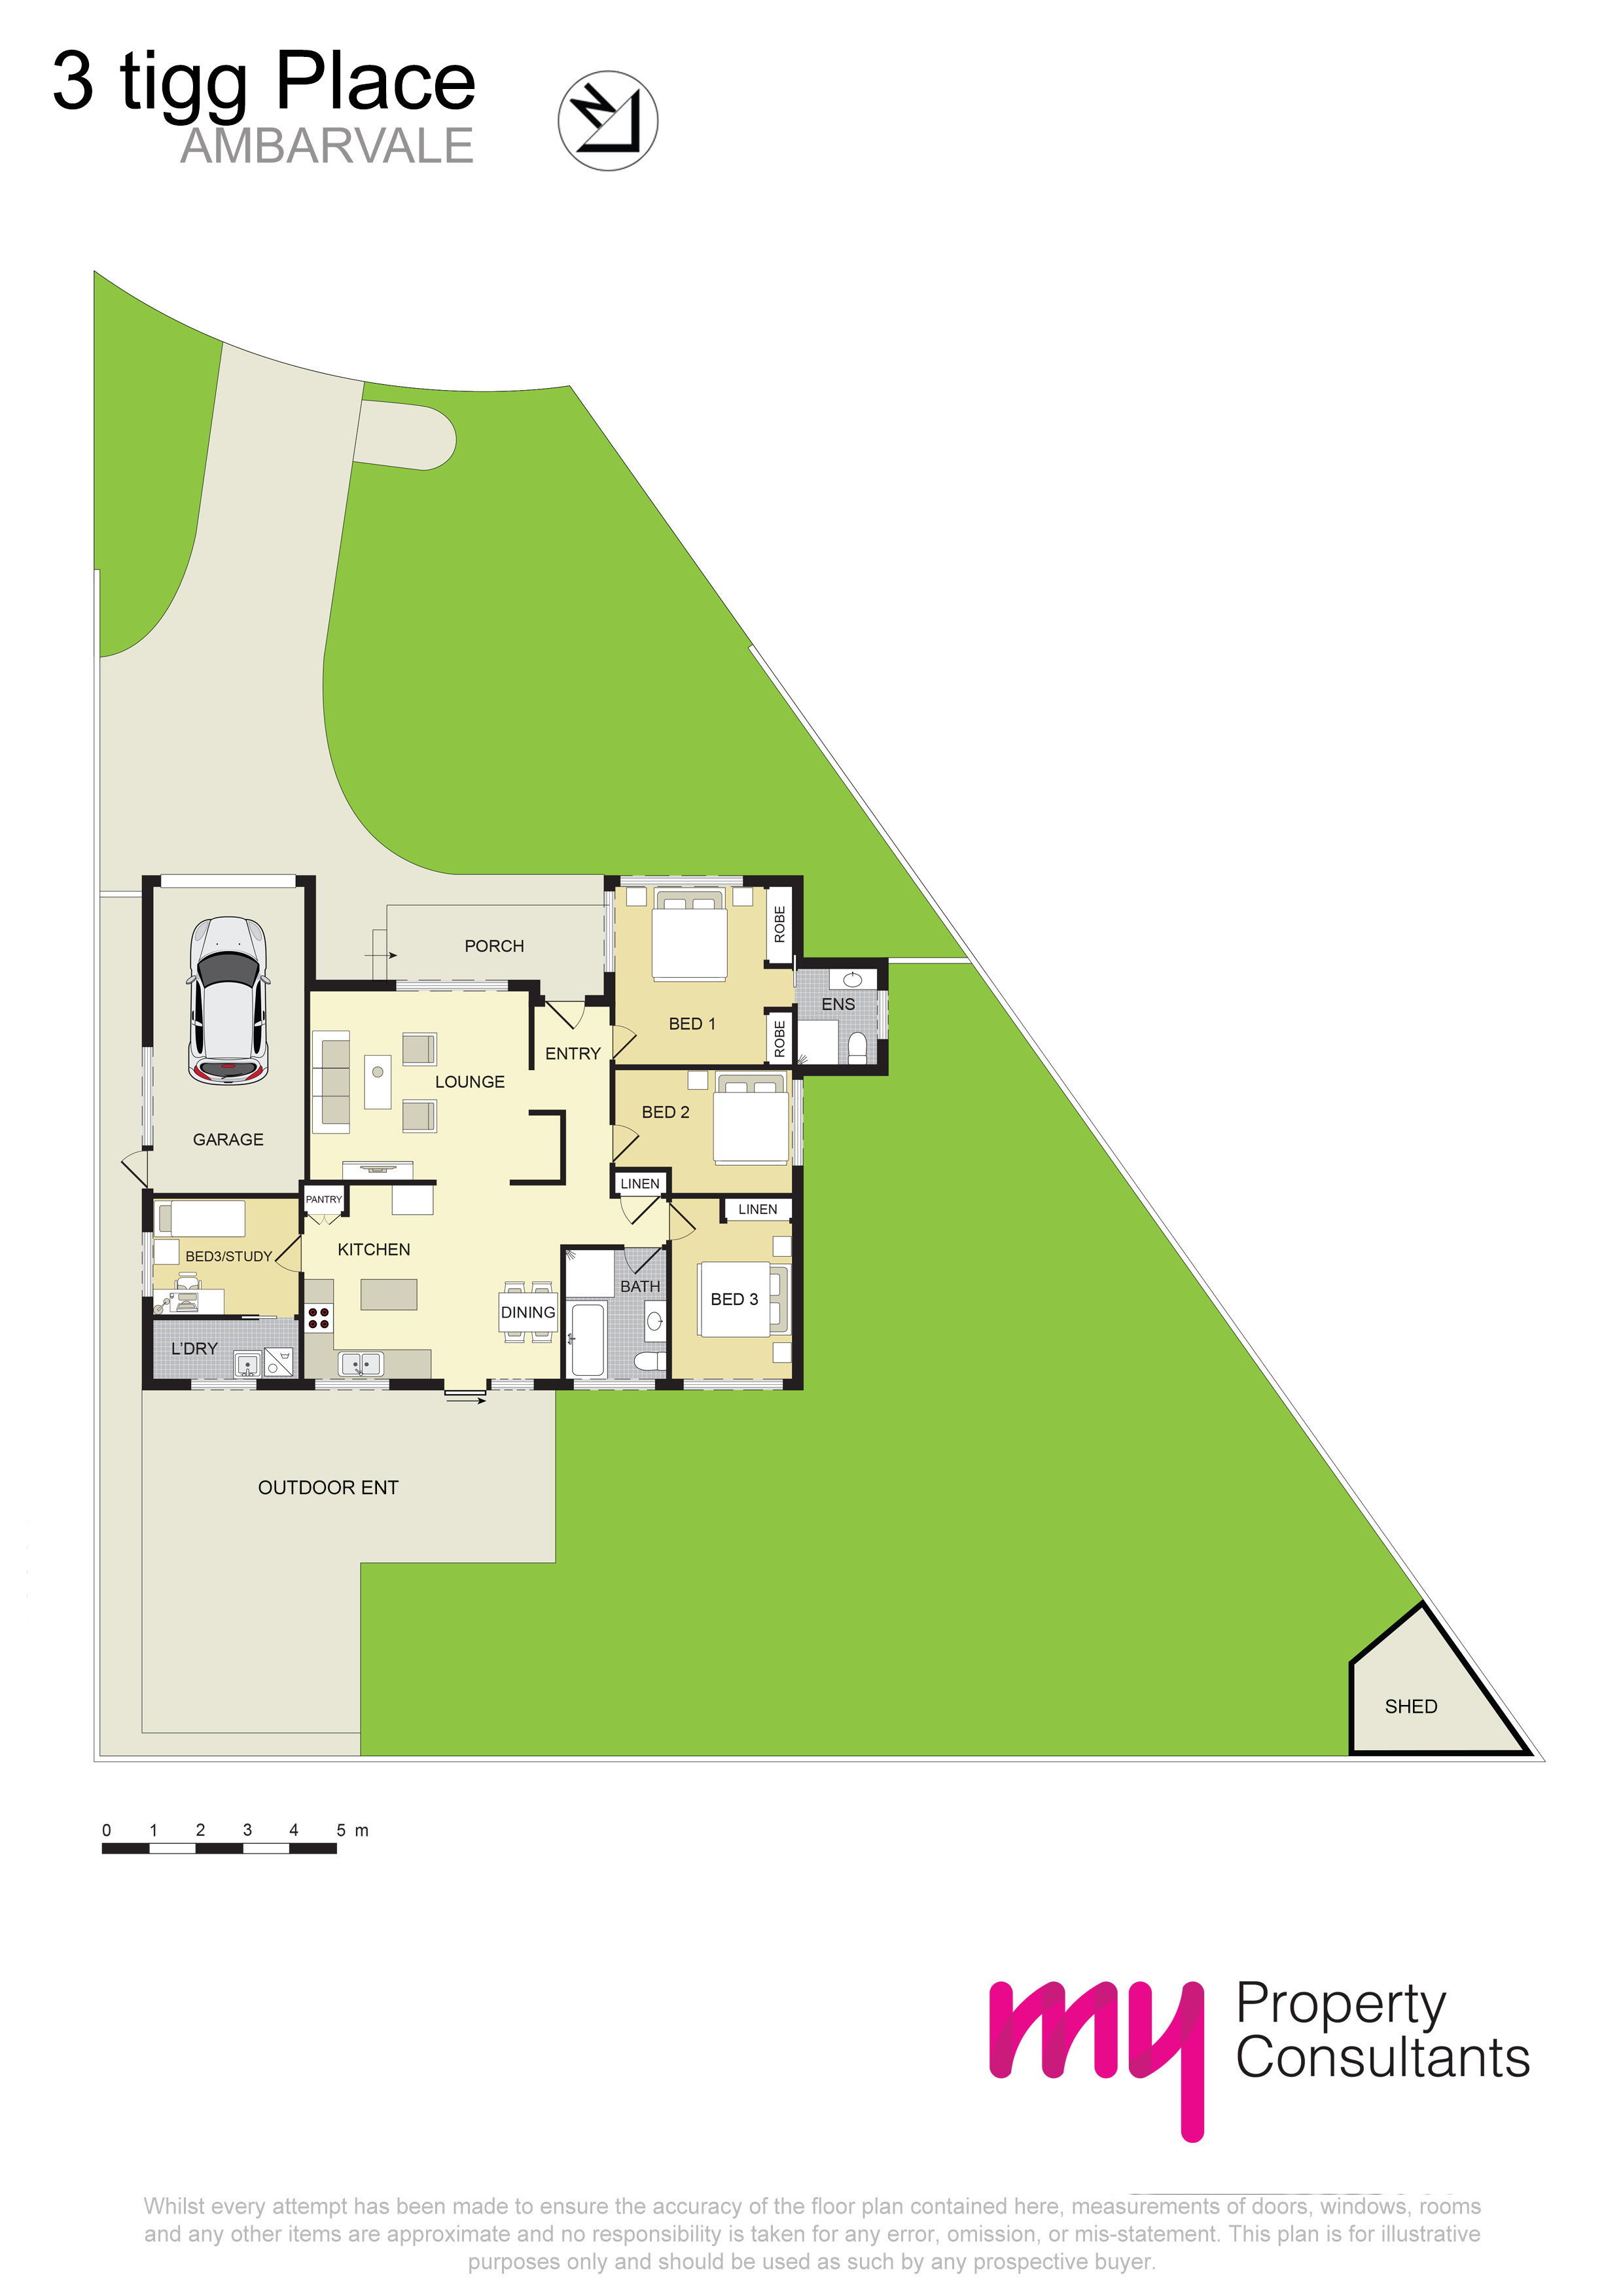 3 Tigg Place, AMBARVALE